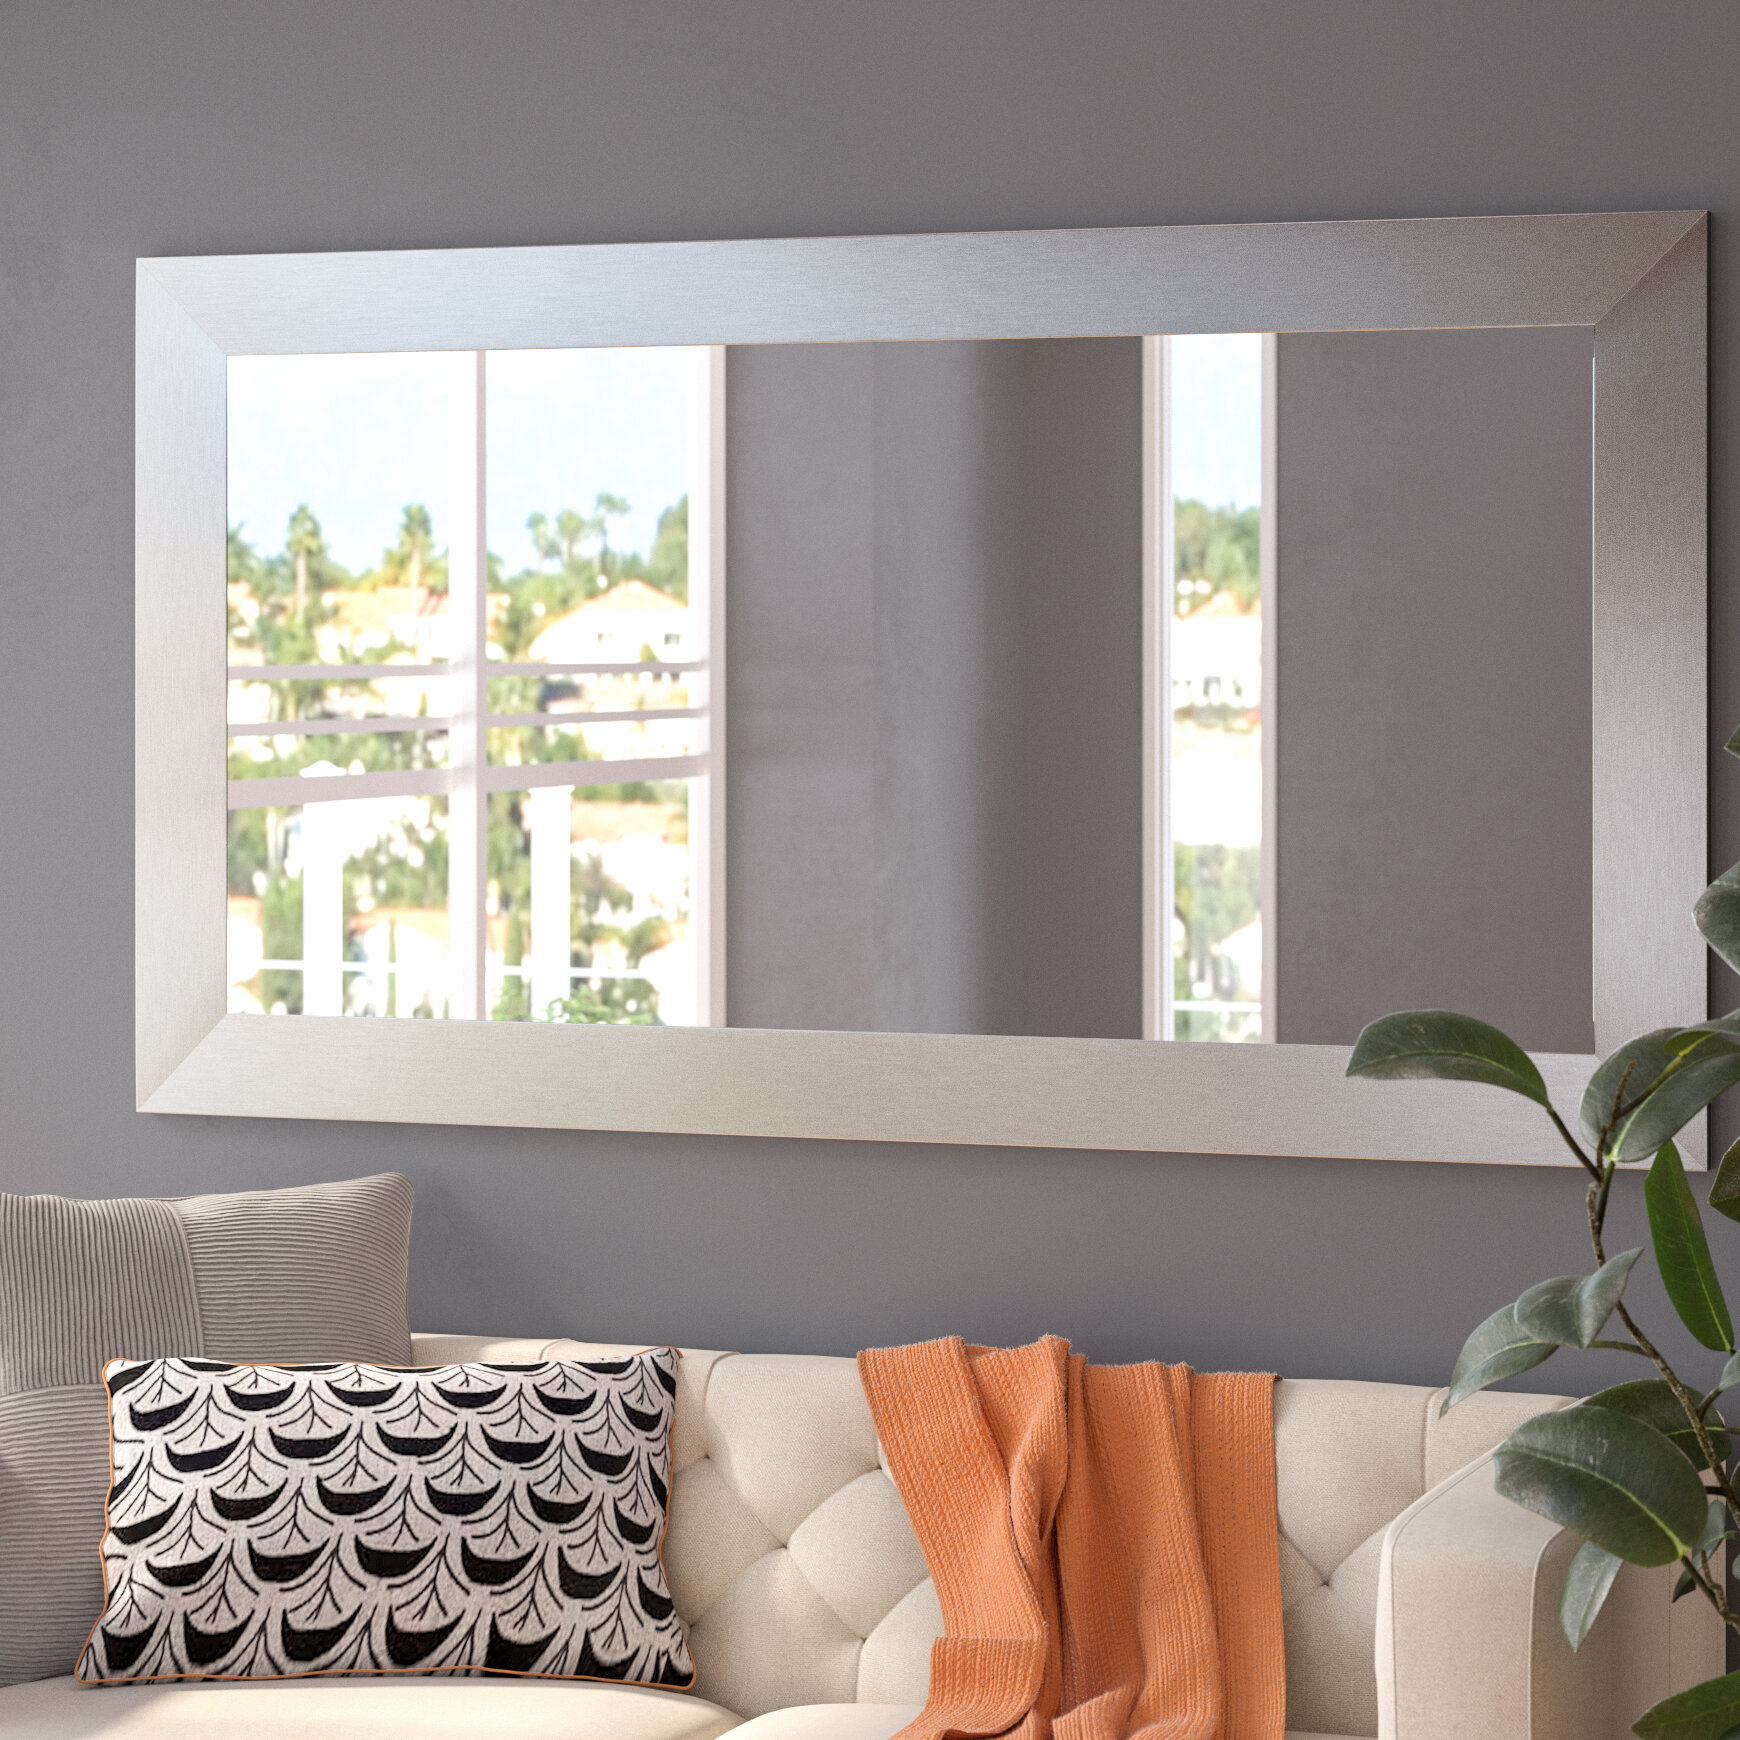 Orren Ellis Hecuba Rectangle Full Length Wood Framed